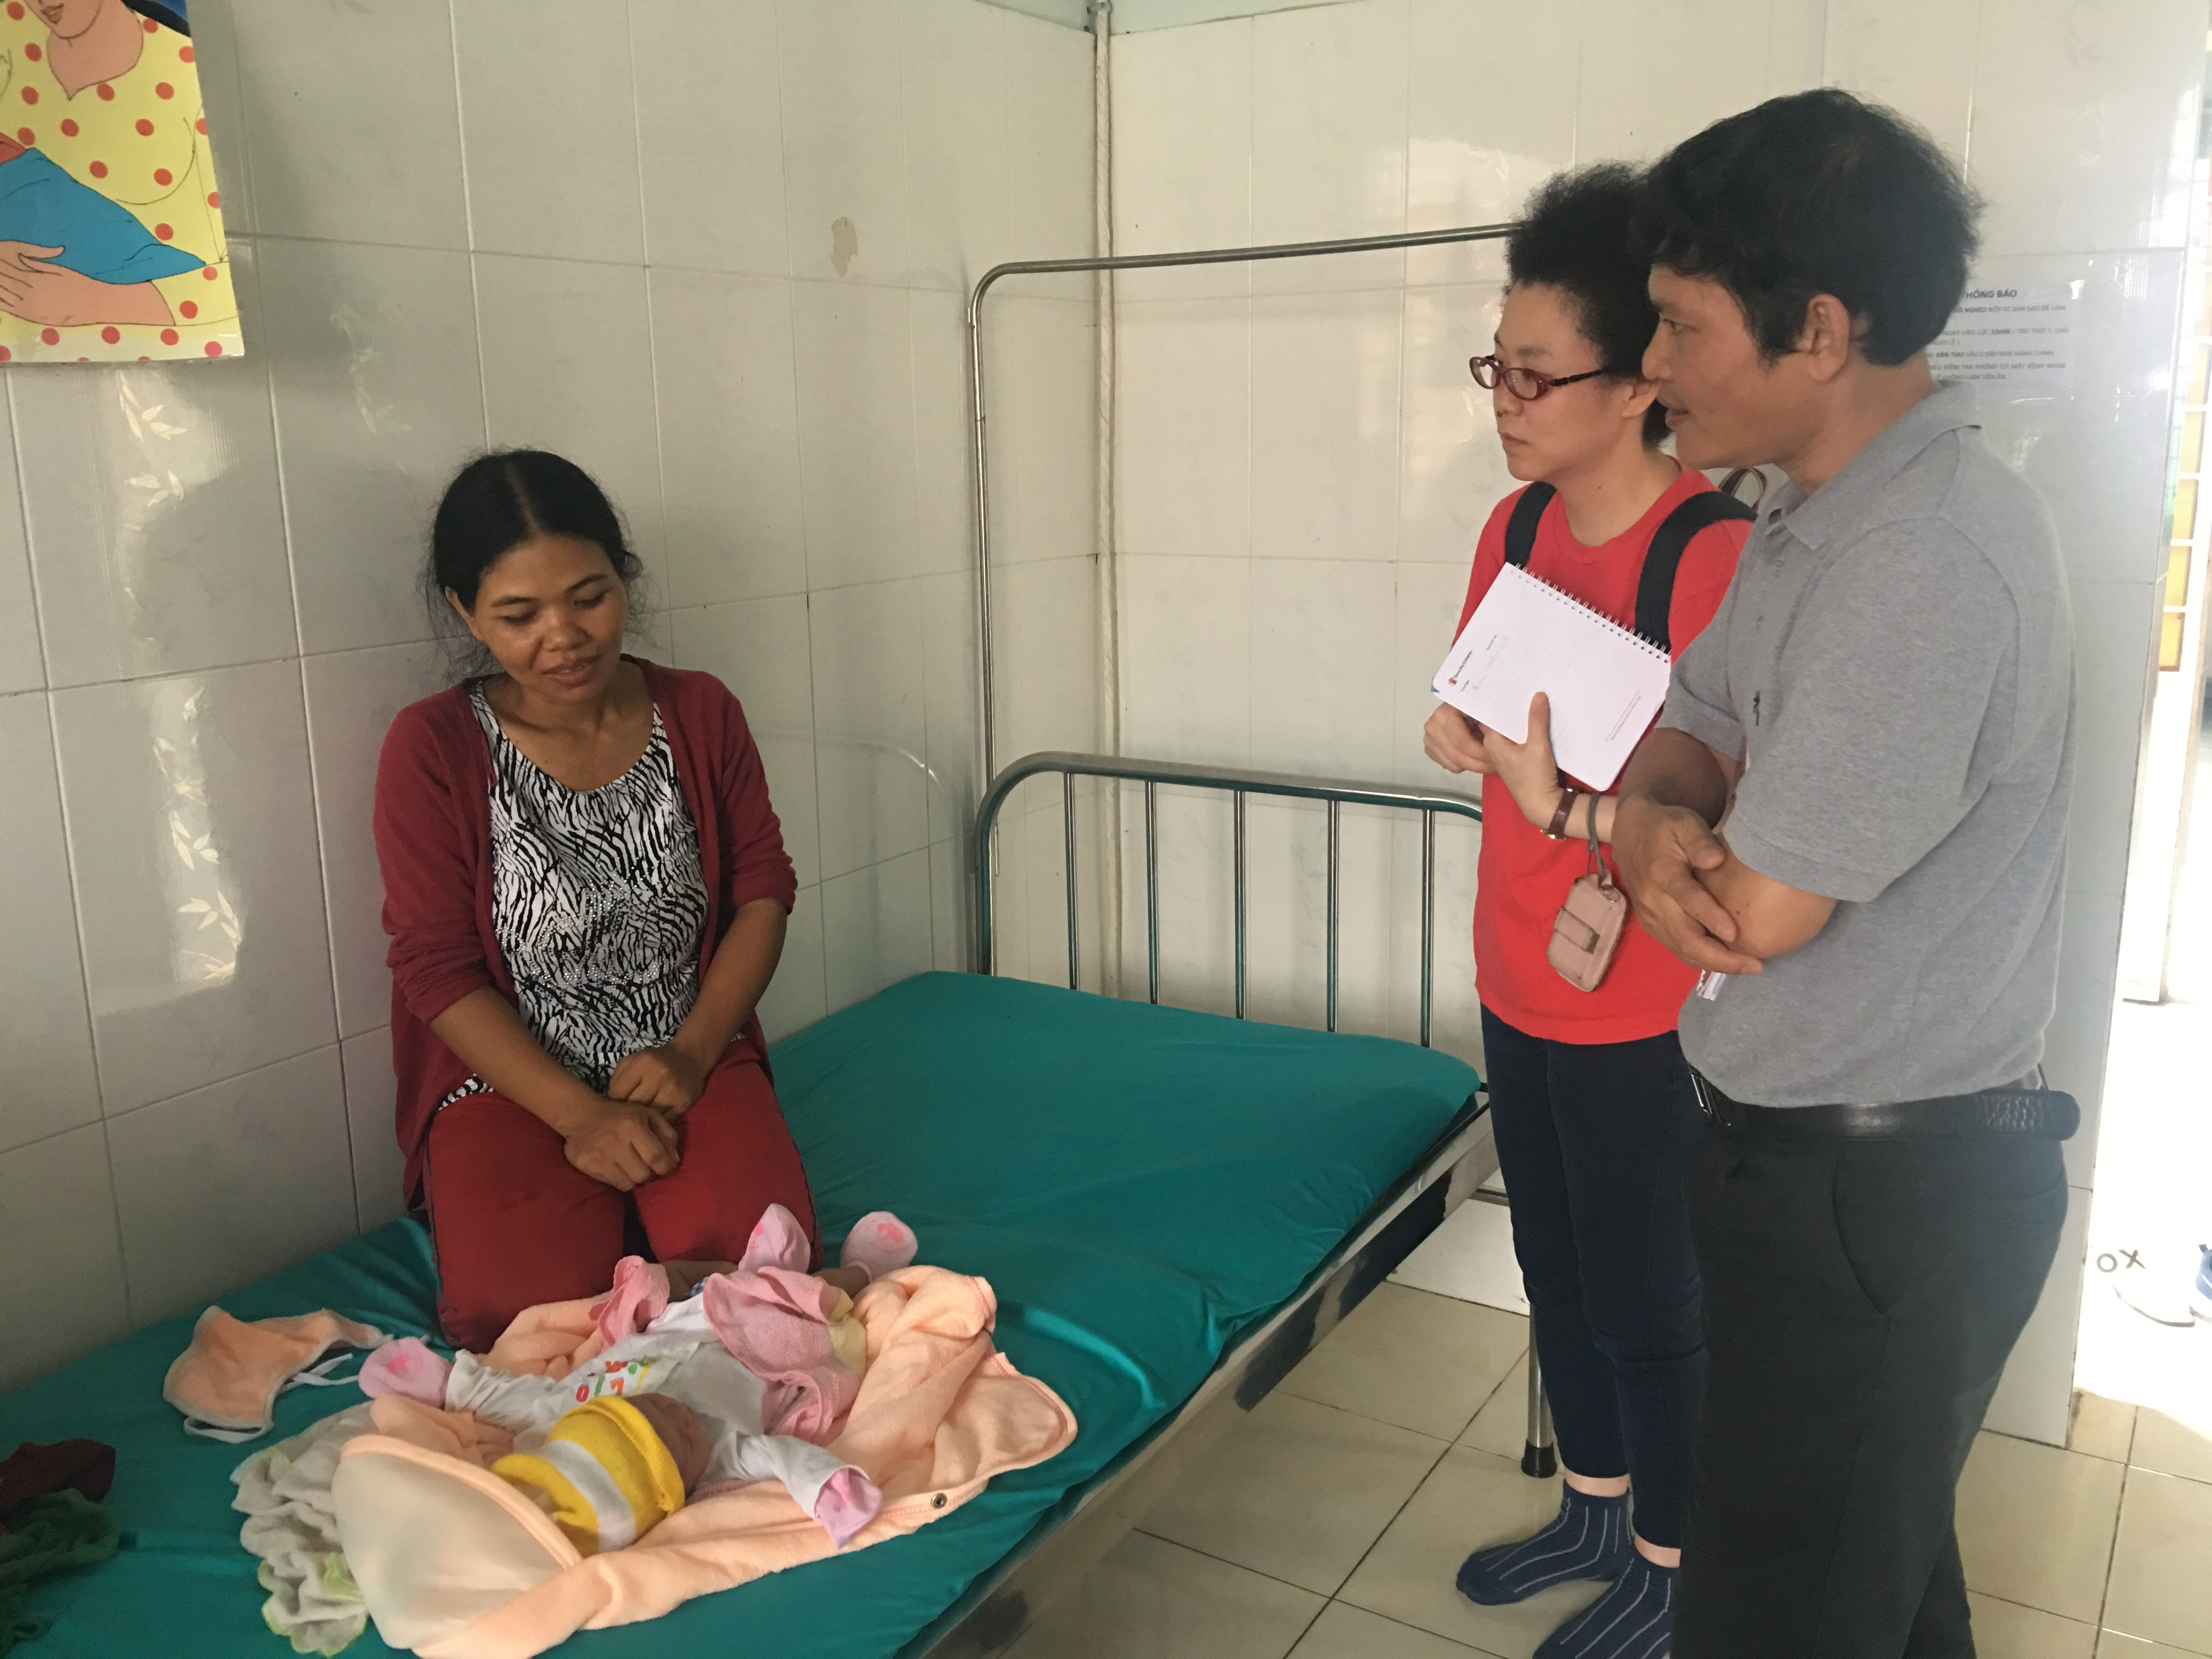 Giám sát, đánh giá các hoạt động truyền thông Chăm sóc sức khỏe bà mẹ và trẻ sơ sinh tại huyện Lắk